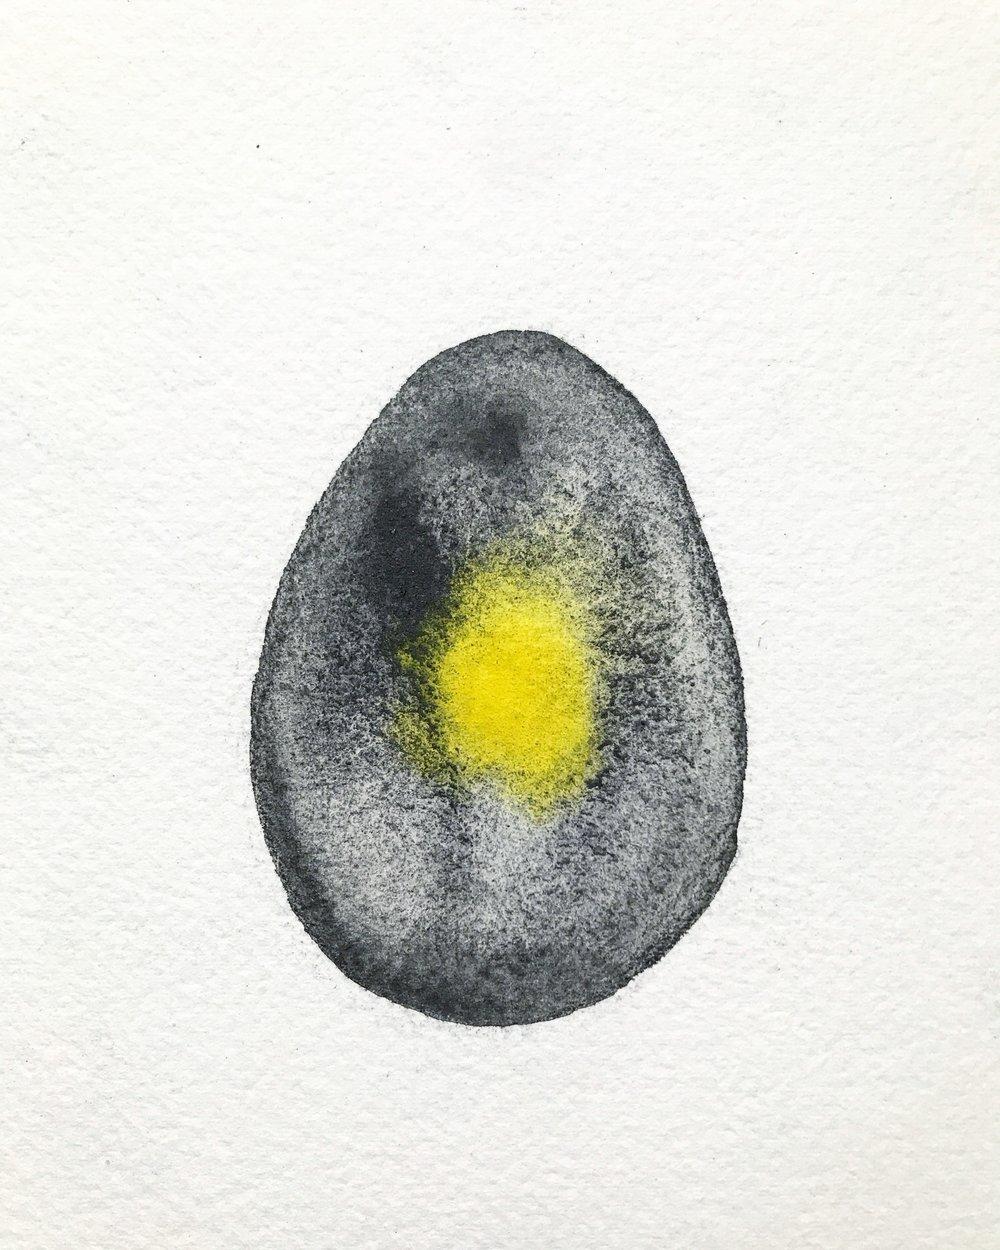 Eggshells in Teeth